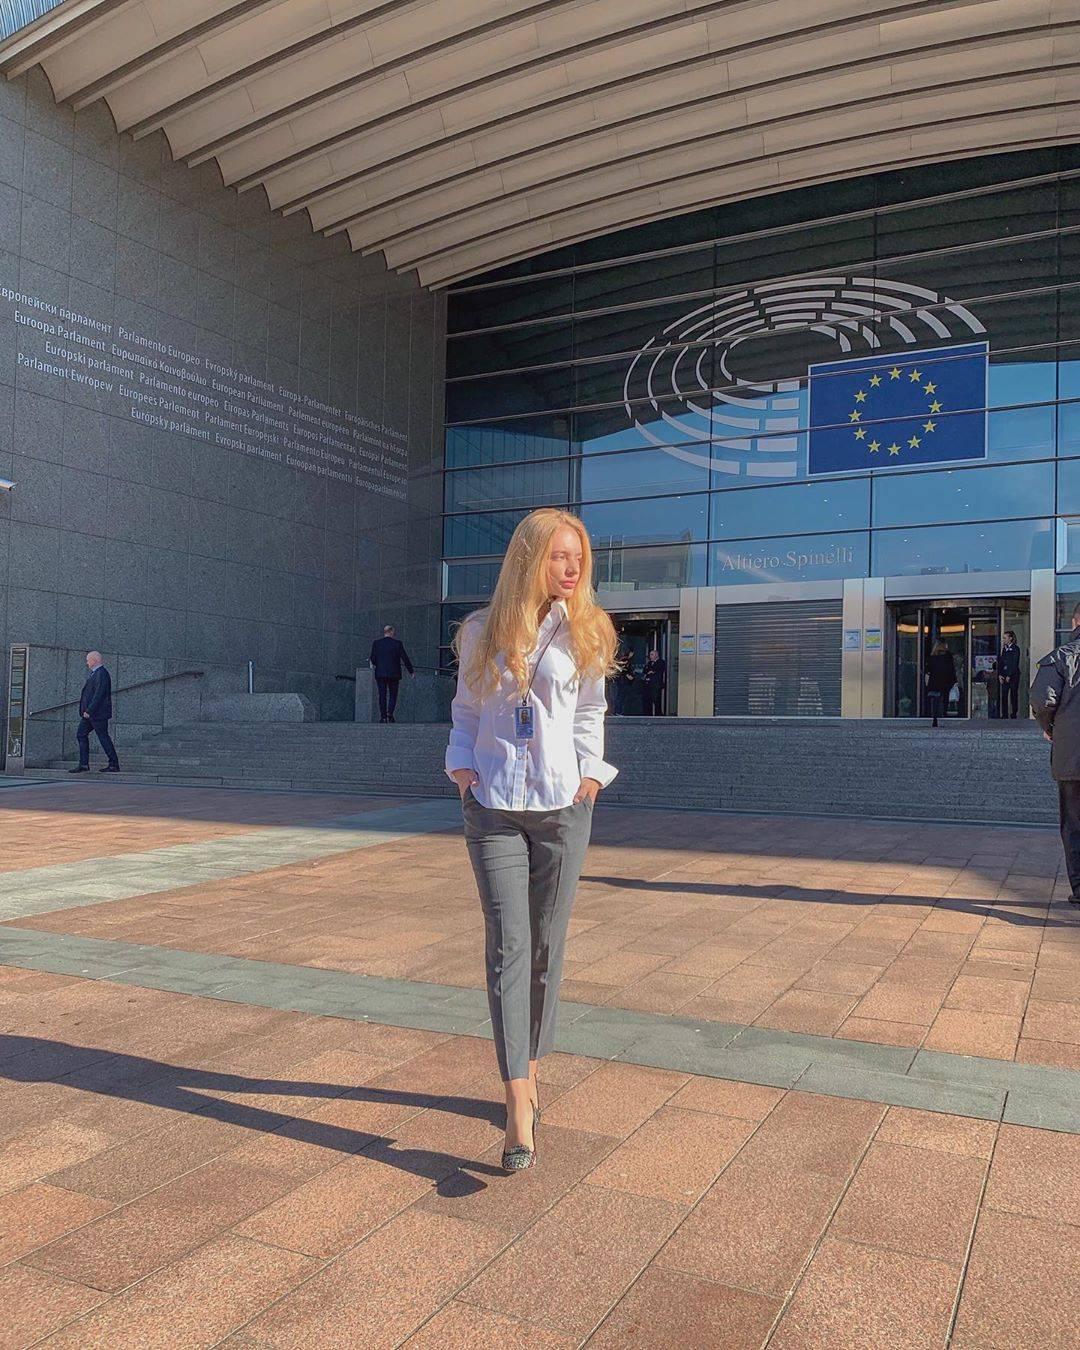 Вечером 26 августа Лиза Пескова подтвердила РБК достоверность сведений о создании ООО `Лиза и Саша`: `Да, мы с Сашей занимаемся совместным брендом.